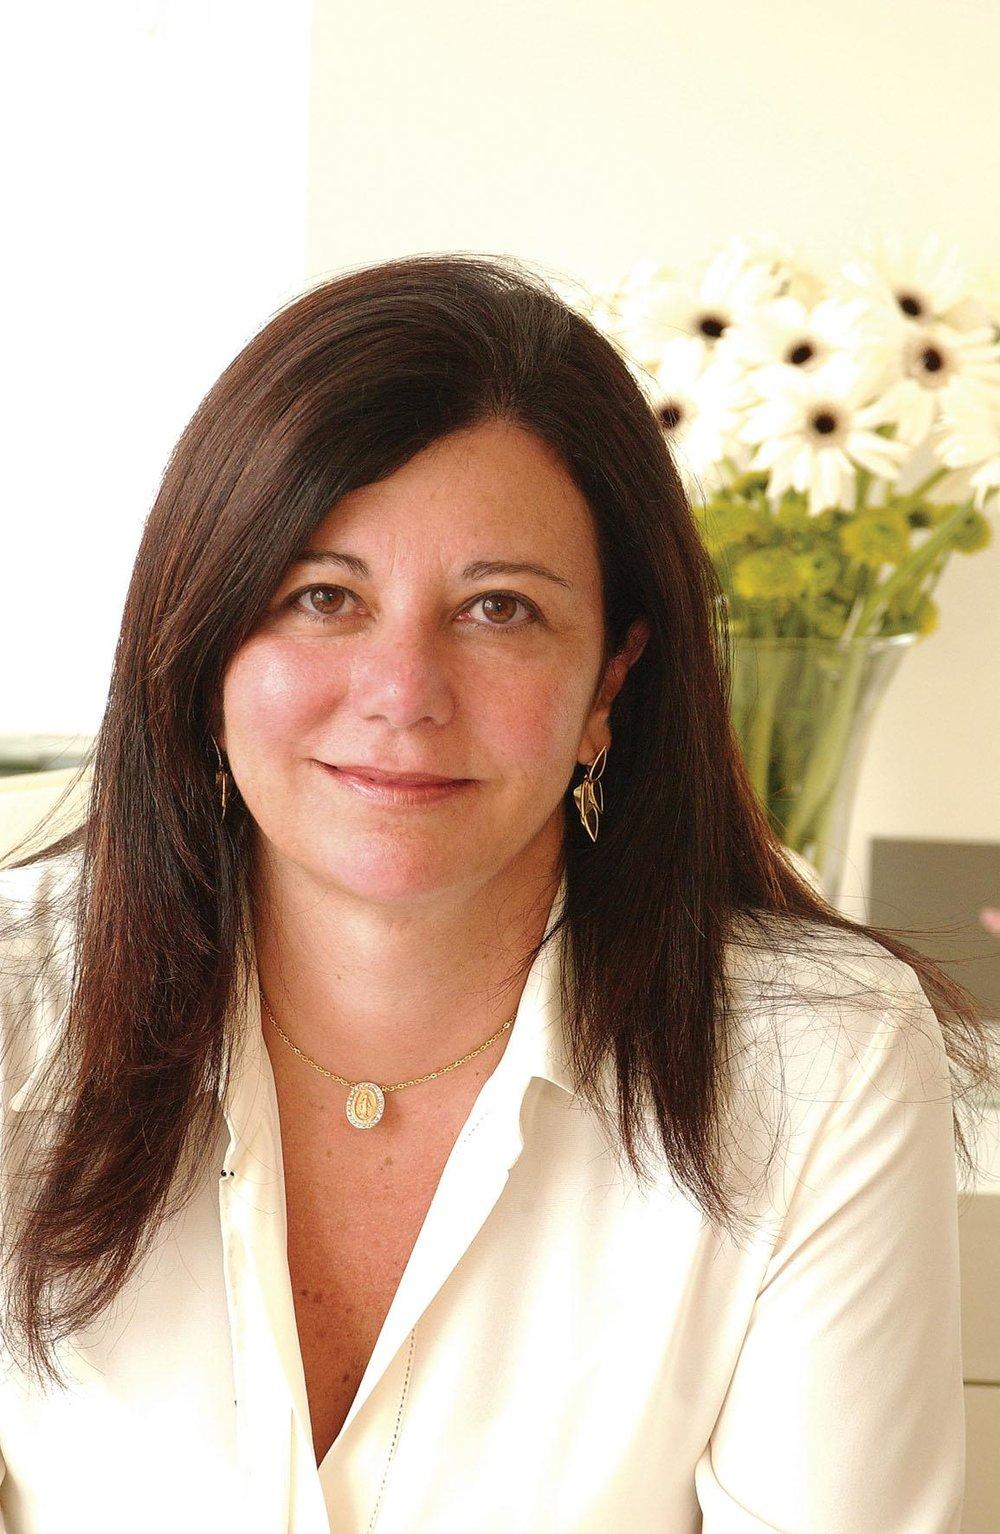 Denise Monteiro - arquiteta formada pela UNB – Universidade de Brasília. Denise construiu uma carreira com muita versatilidade atuando em diferentes áreas da arquitetura e com muito sucesso e inovação.Na decoração, Denise se consolidou com uma das principais arquitetas do Brasil. Atua fortemente no mercado de São Paulo, onde mantém seu escritório desde 1995. Participou de 7 edições da Casa Cor São Paulo, foi convidada para projetar por 3 anos a Ilha de Caras, em Angra dos Reis e esteve presente em inúmeras publicações como revista Vogue e anuários de Decoração.